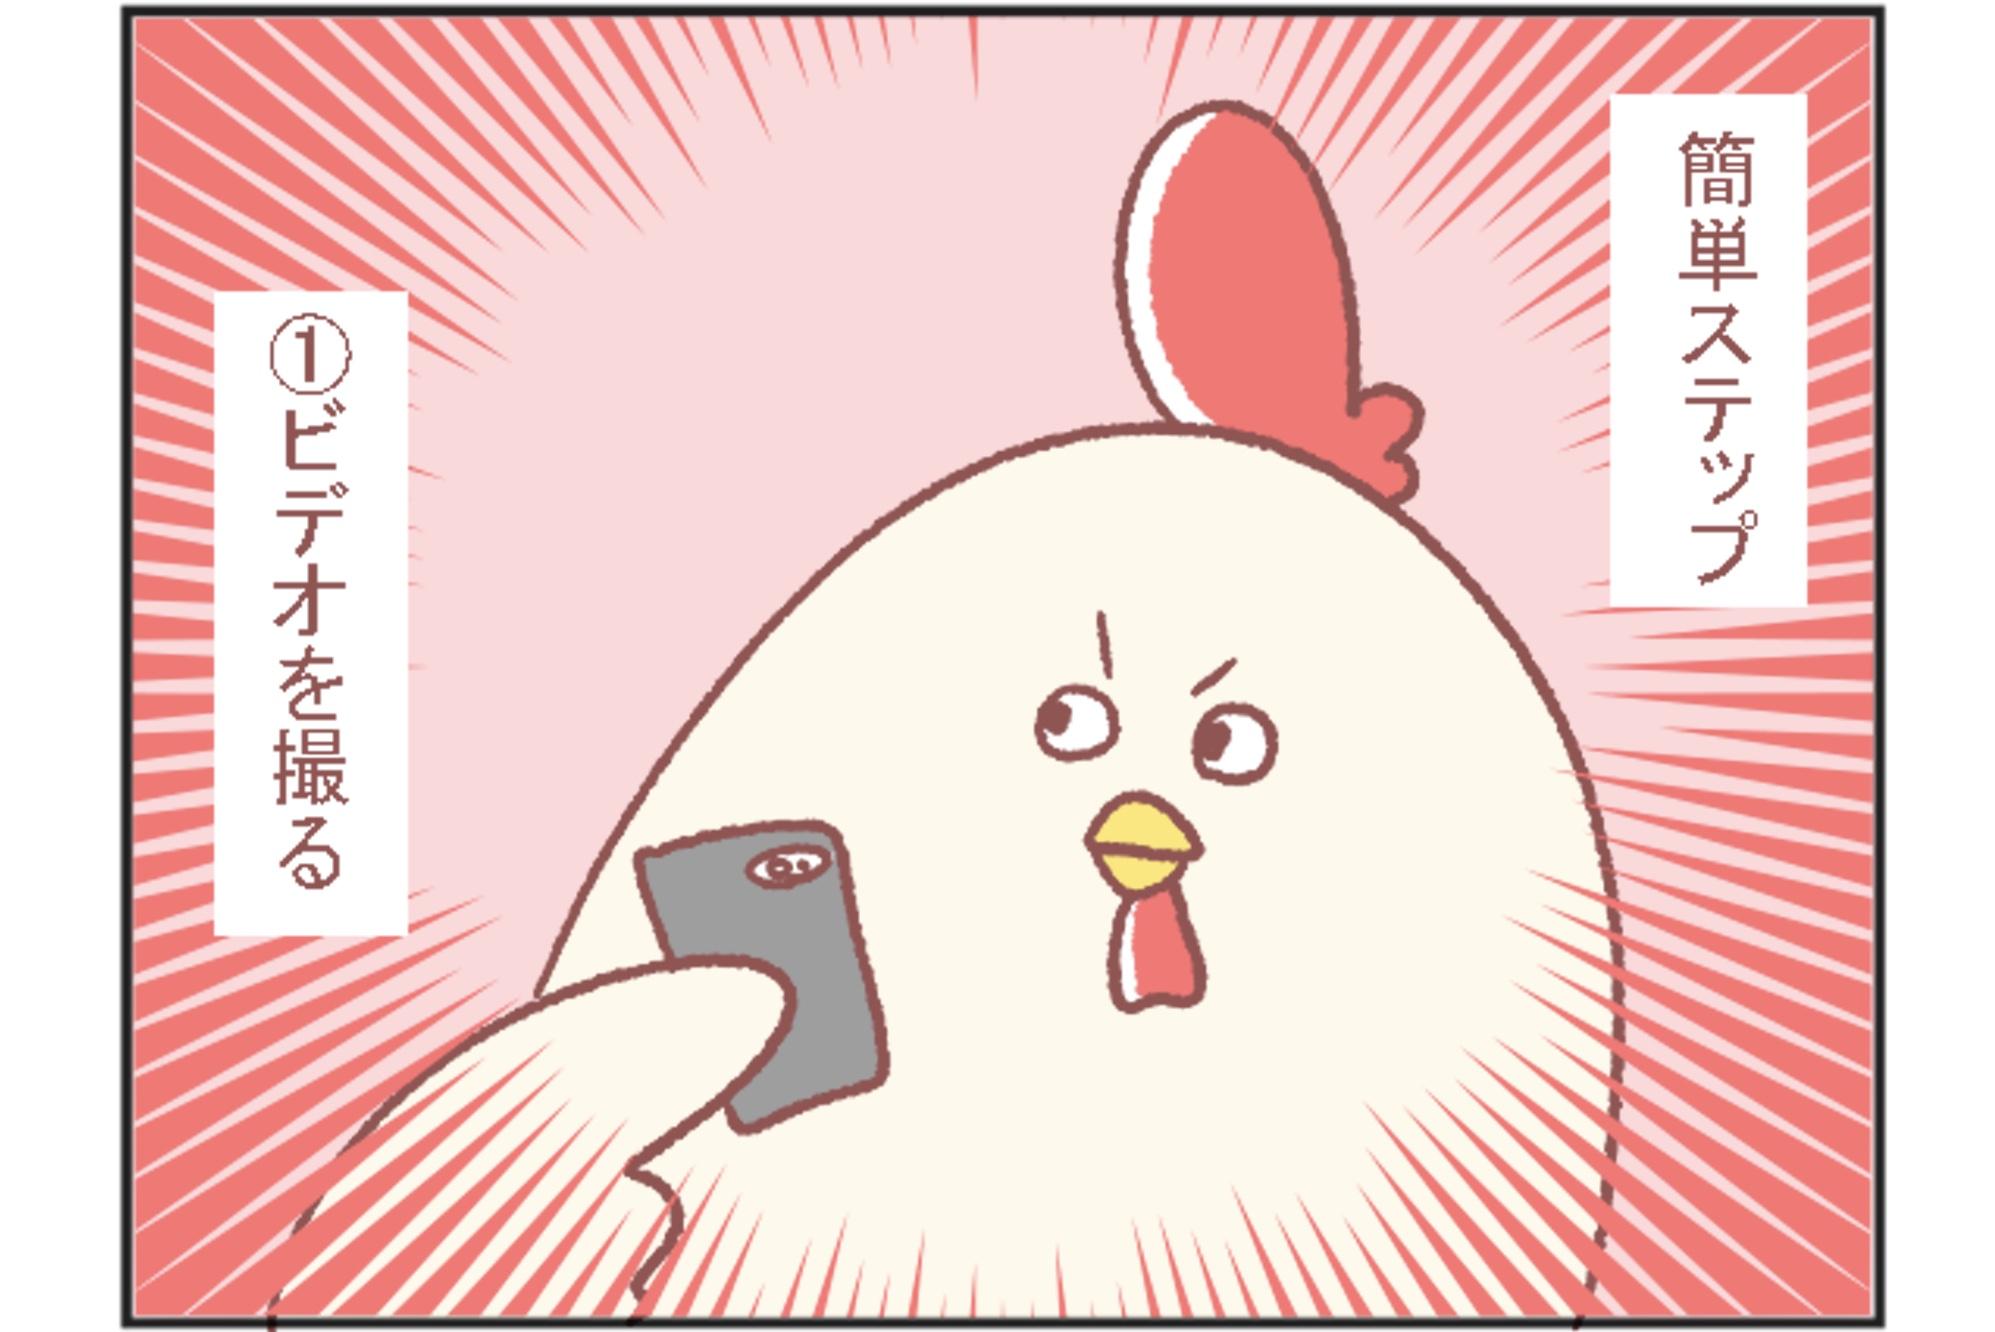 鳥谷丁子のオモテ育児・ウラ育児#5「秘策」